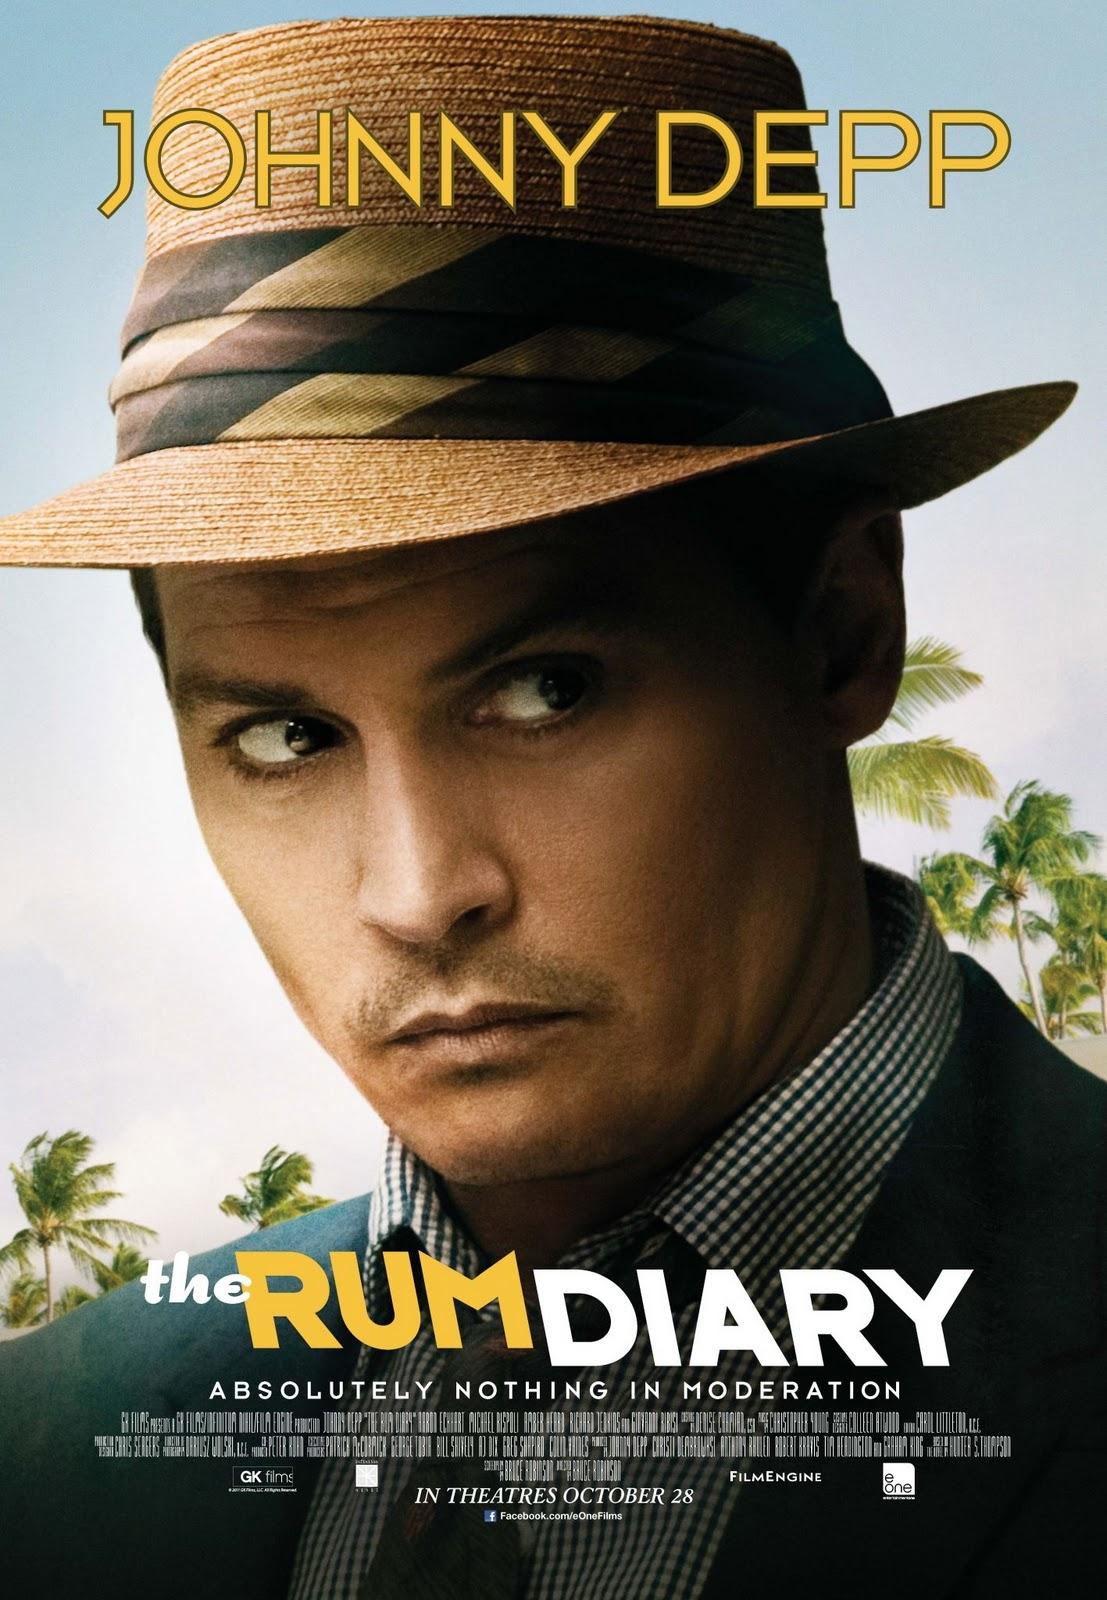 http://4.bp.blogspot.com/-KXBg6hu192U/TnuZSLUlhiI/AAAAAAAAB34/MZQBbG3mK6E/s1600/The+Rum+Diary.jpg